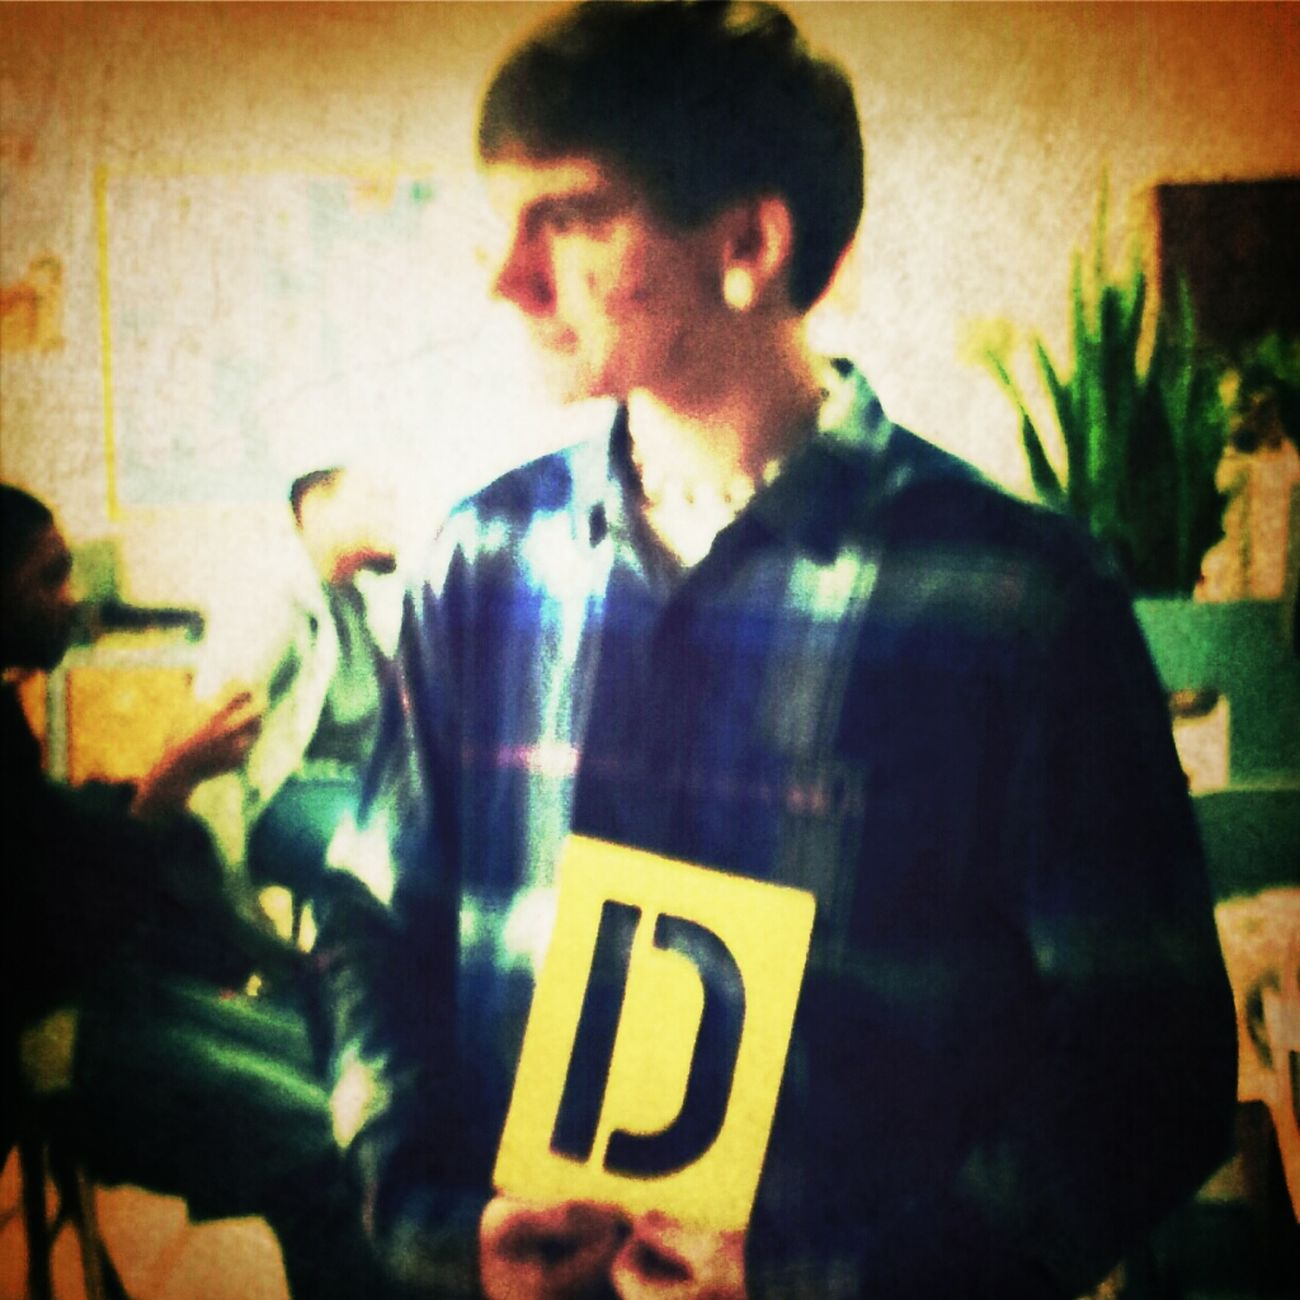 He Got The D